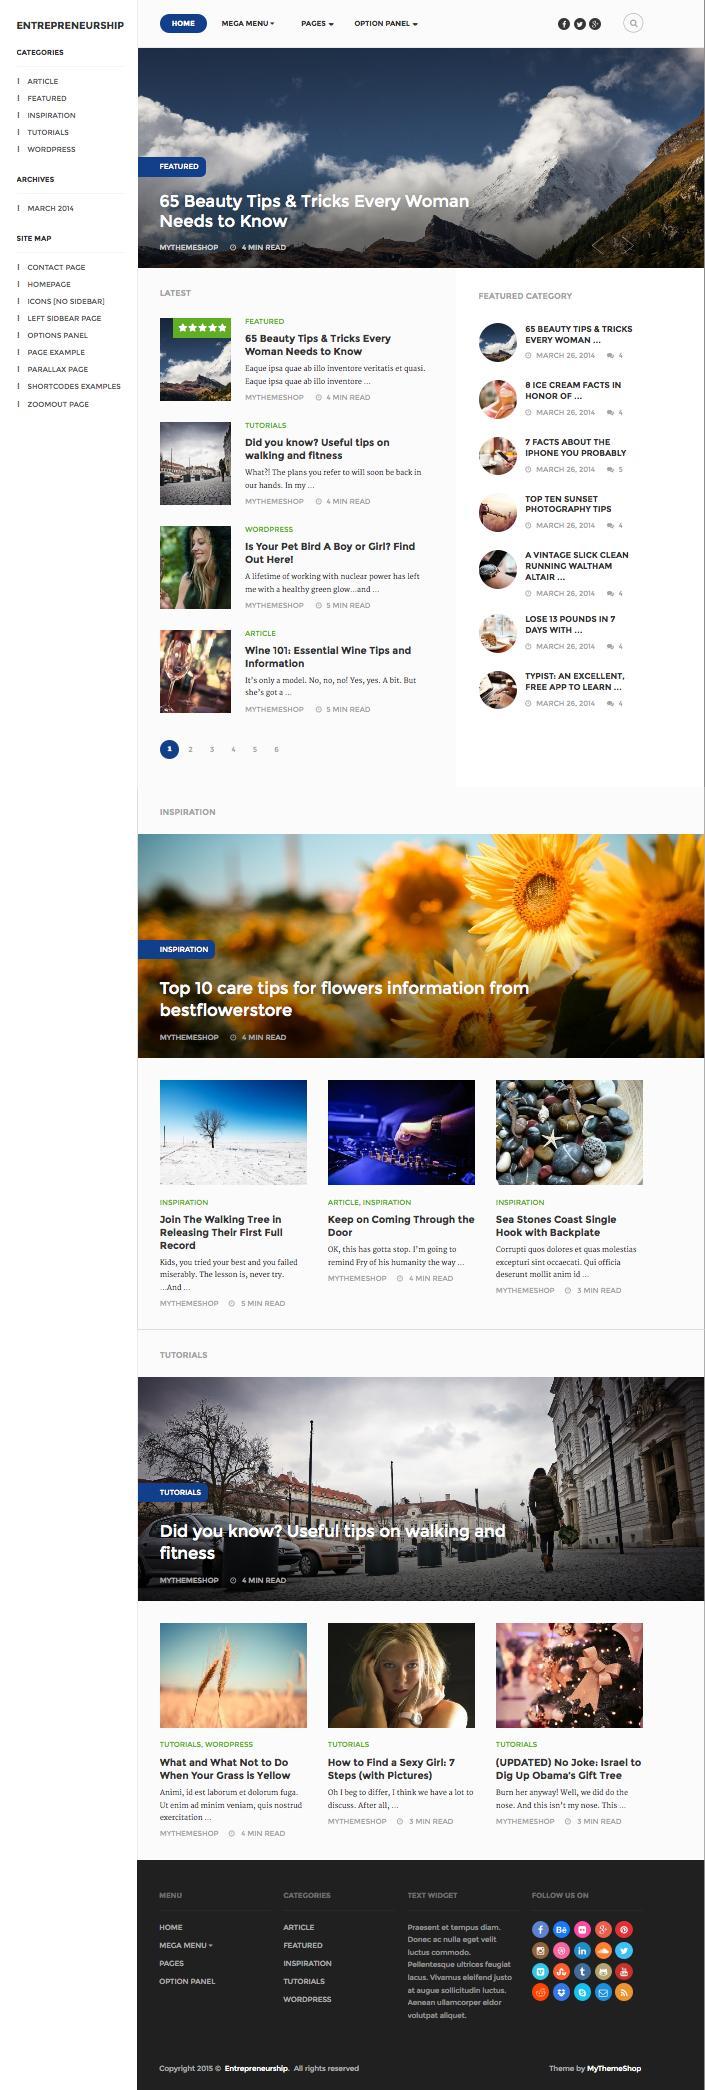 Entrepreneurship WordPress SEO Optimized Magazine Theme